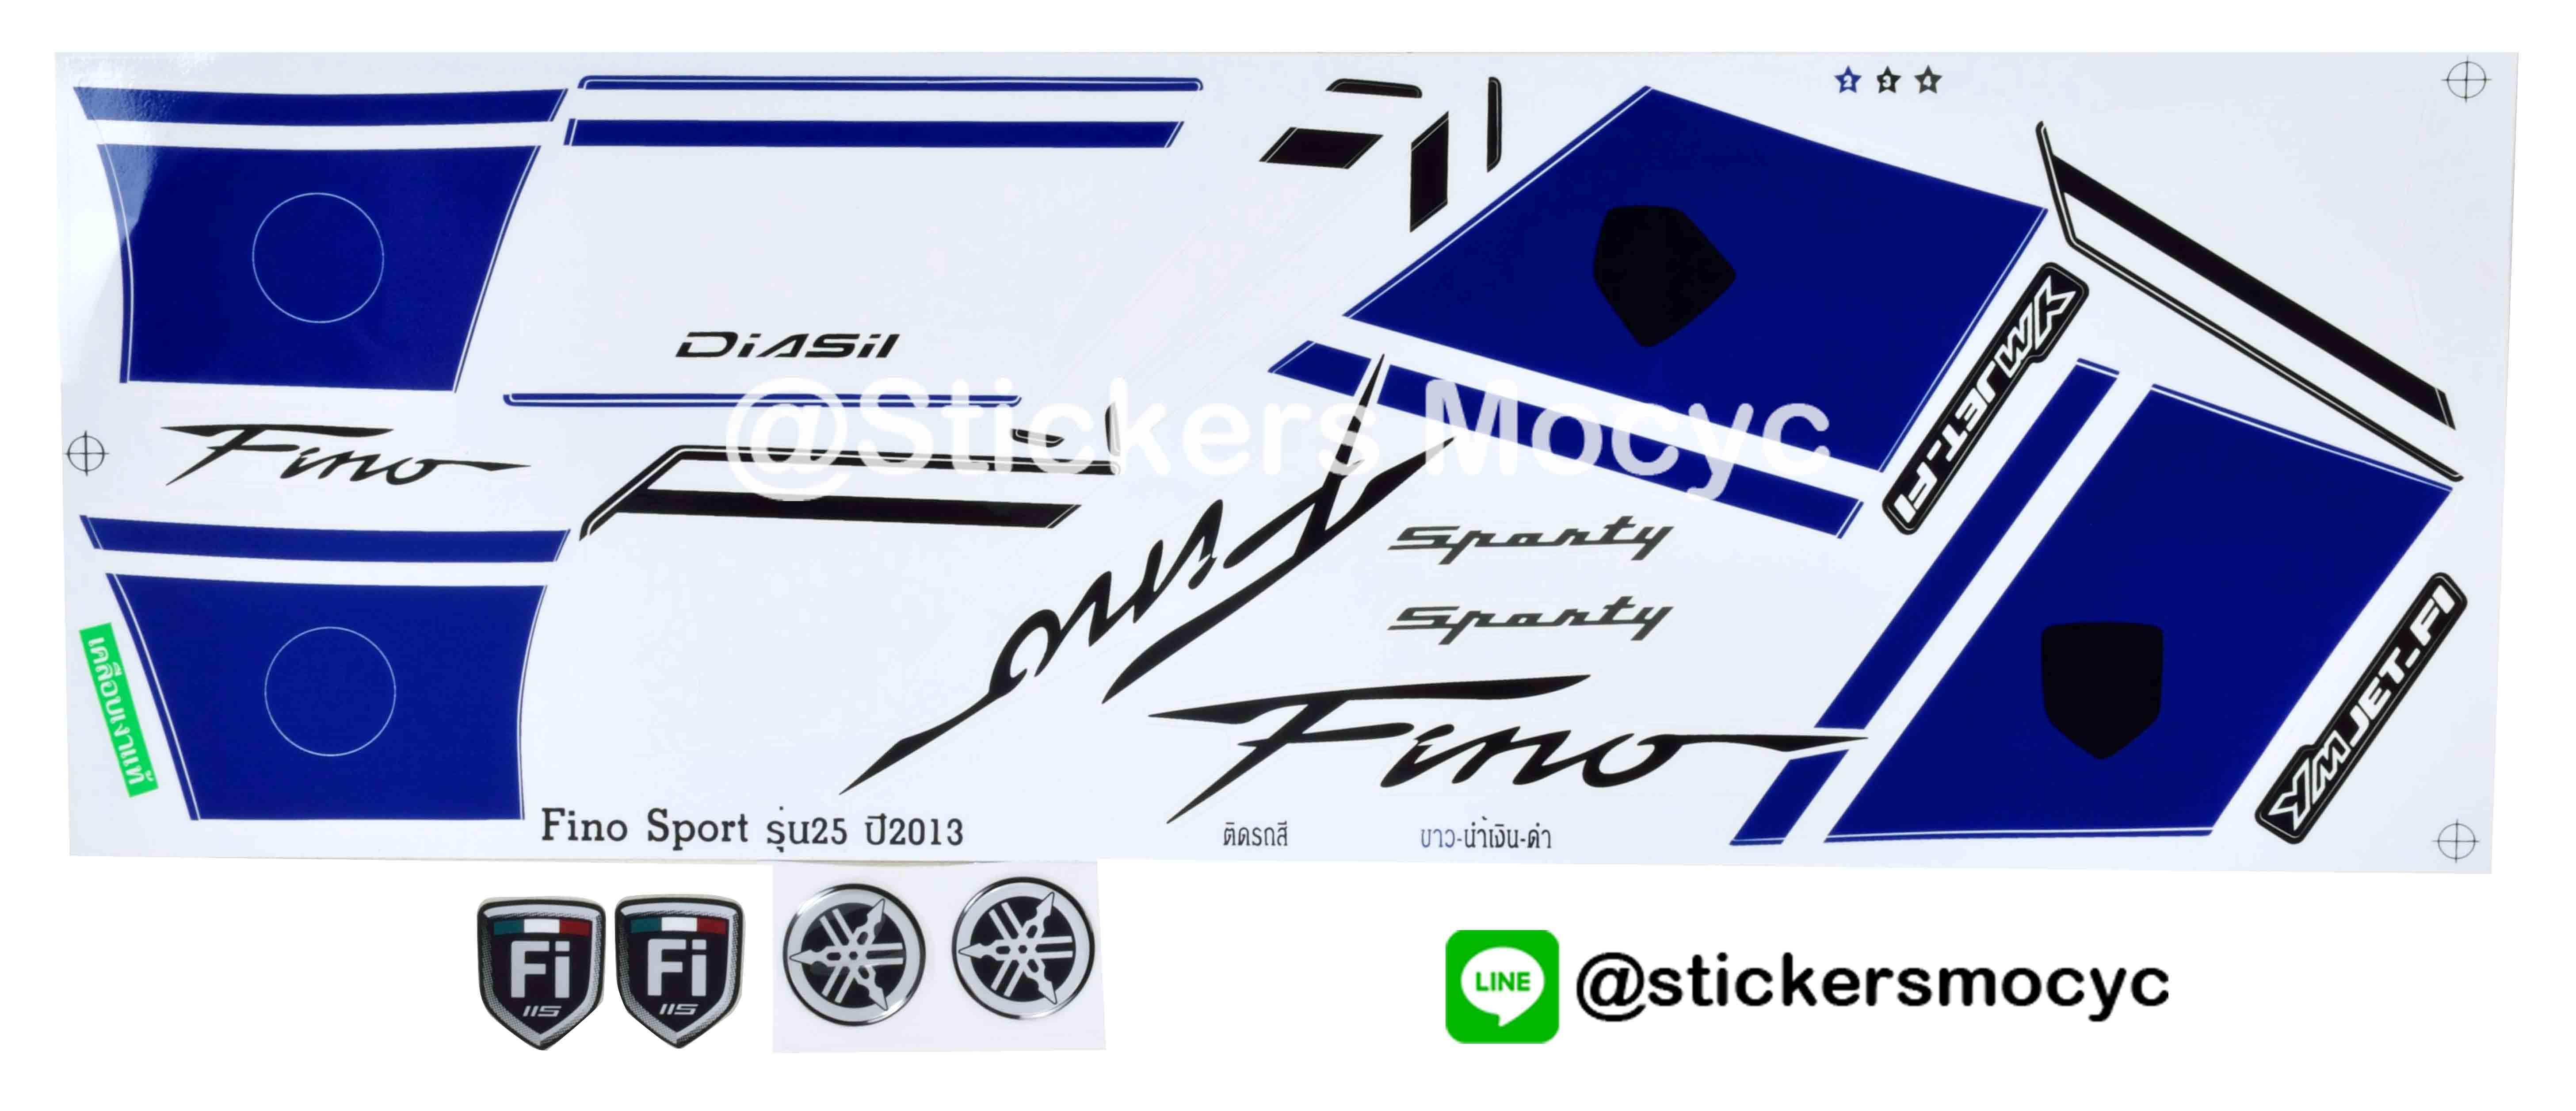 สติ๊กเกอร์ Yamaha Fino Sport ปี 2013 รุ่น 25 ติดรถสี ขาว น้ำเงิน ดำ (เคลือบเงา)